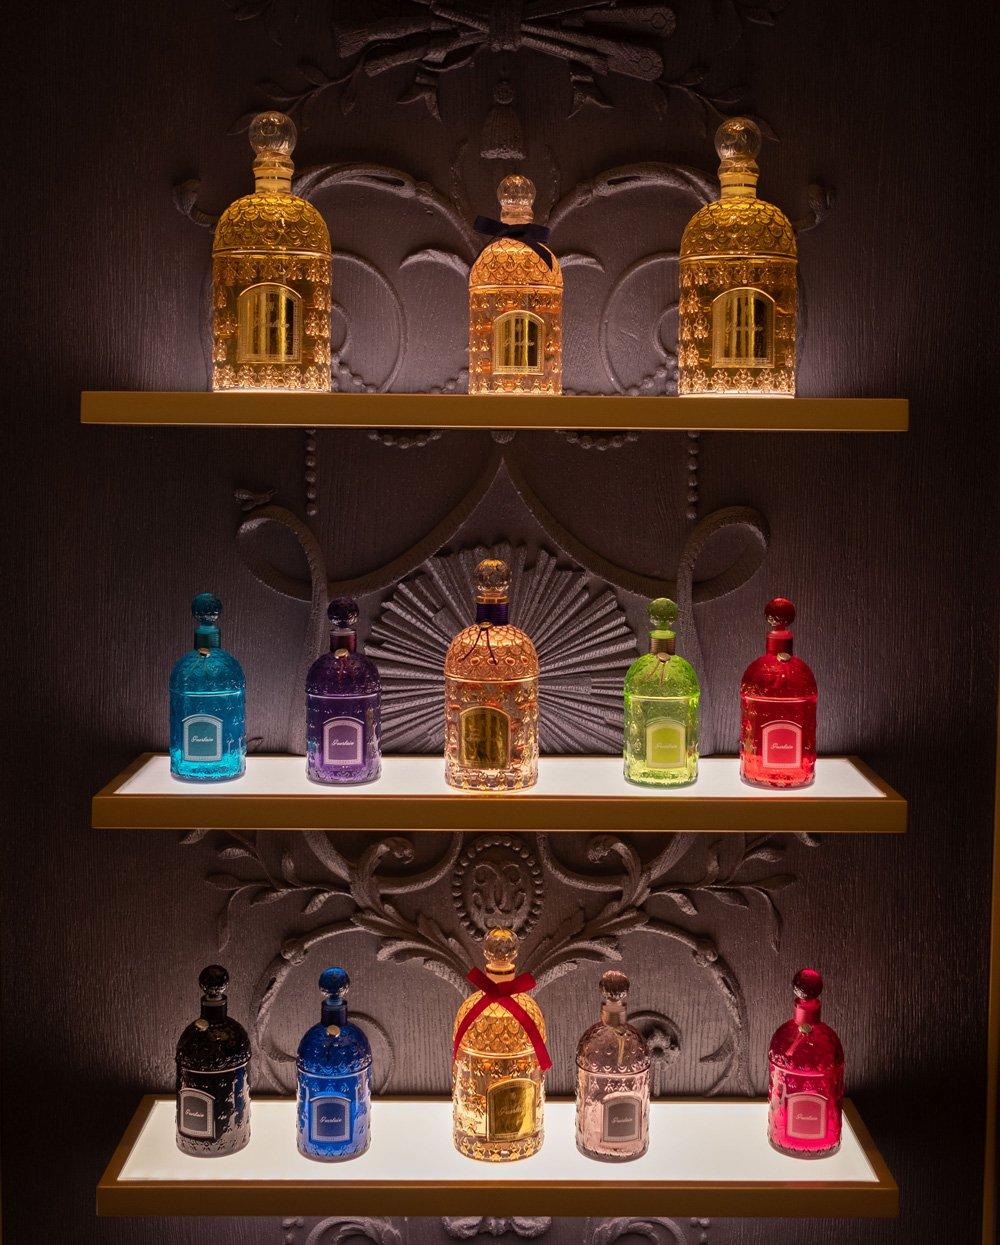 Guerlain-Boutique-Riyadh-10.jpg